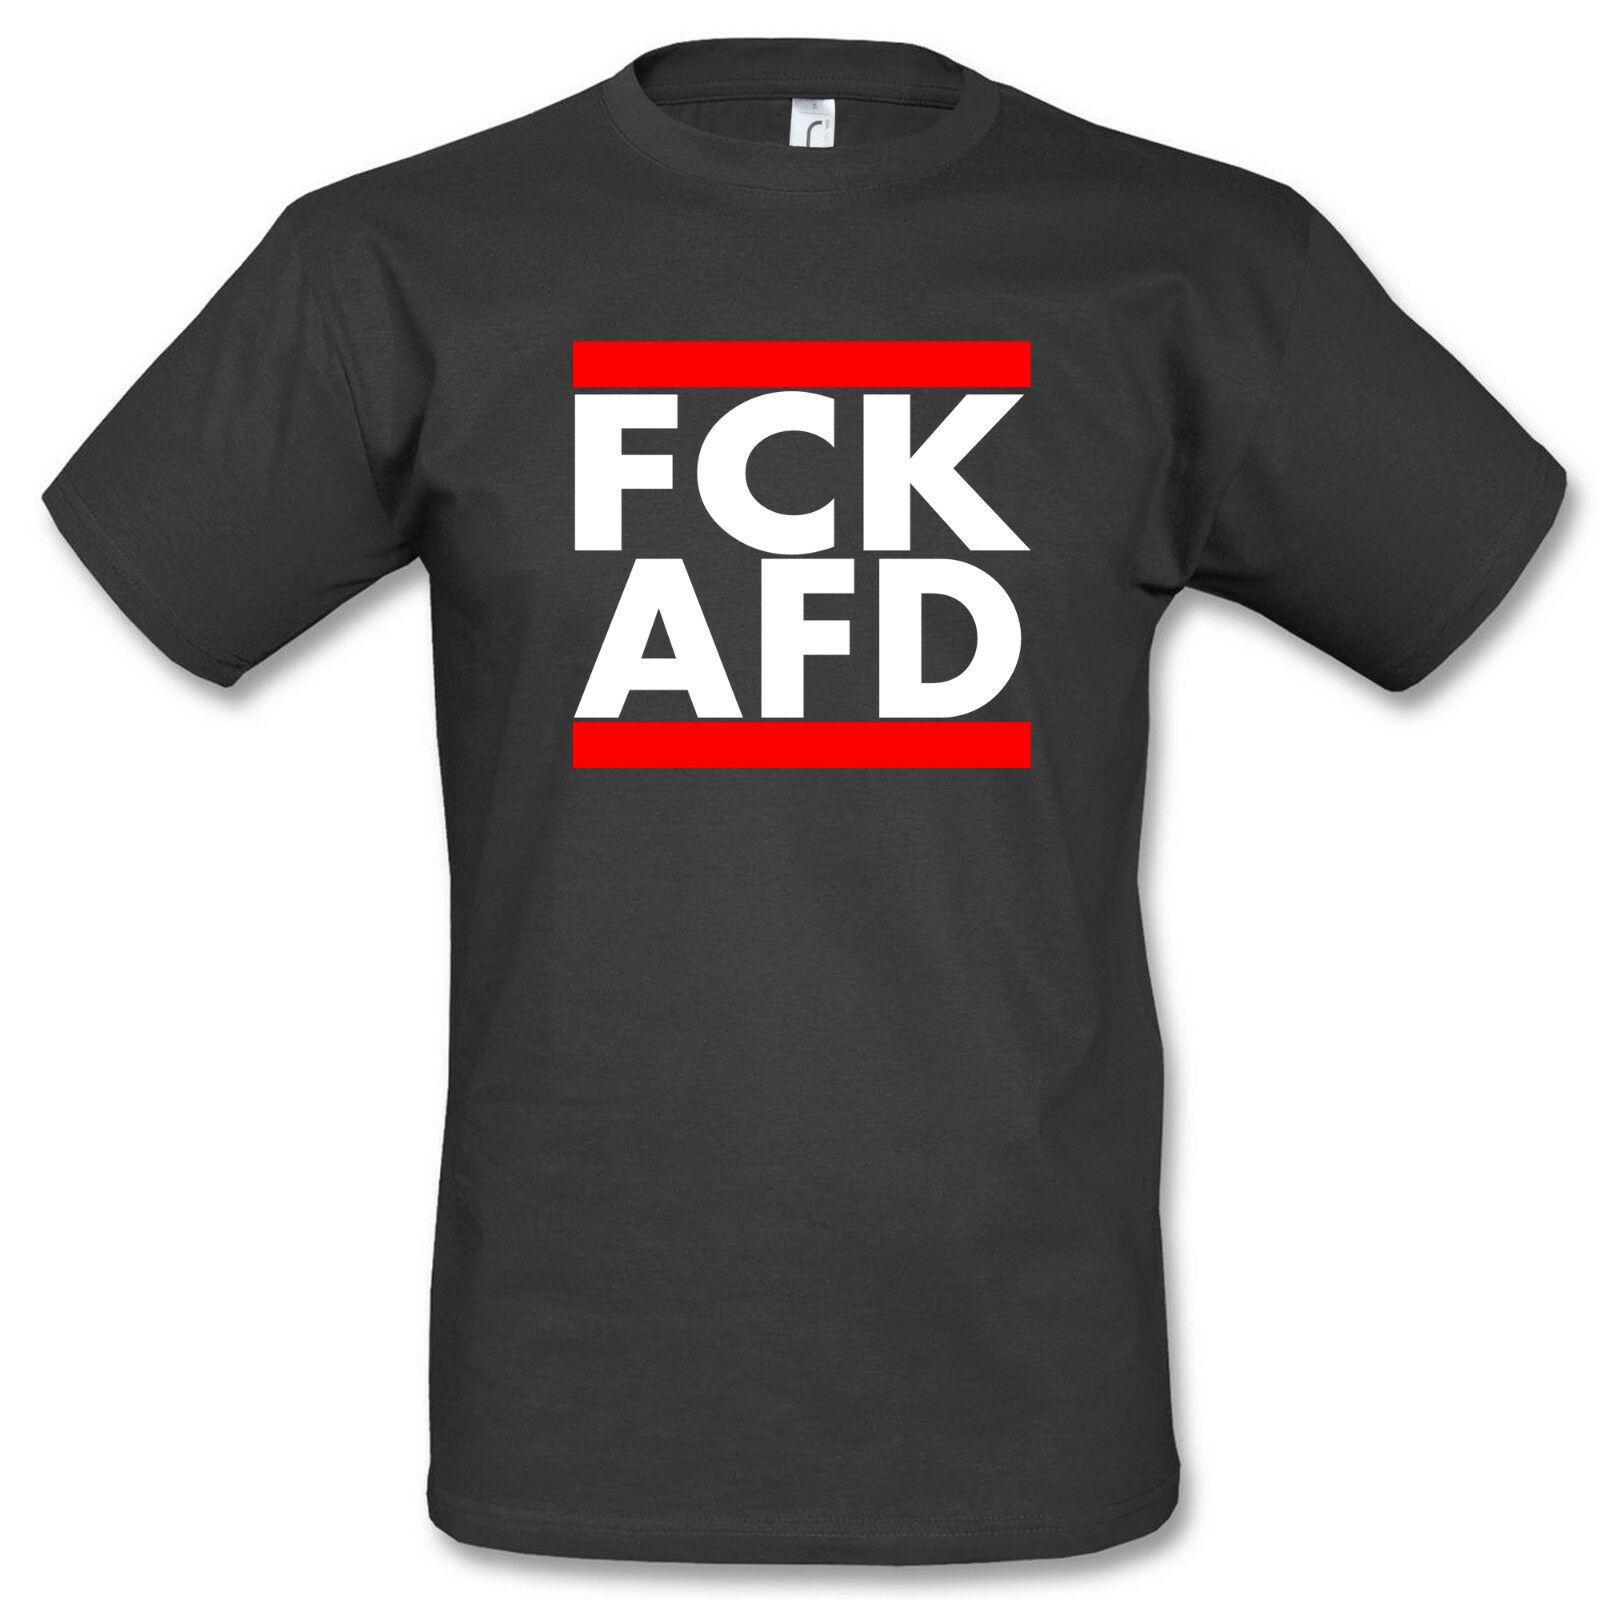 T-Shirt FCK AFD FUCK AFD GEGEN NAZIS ANTI AFD